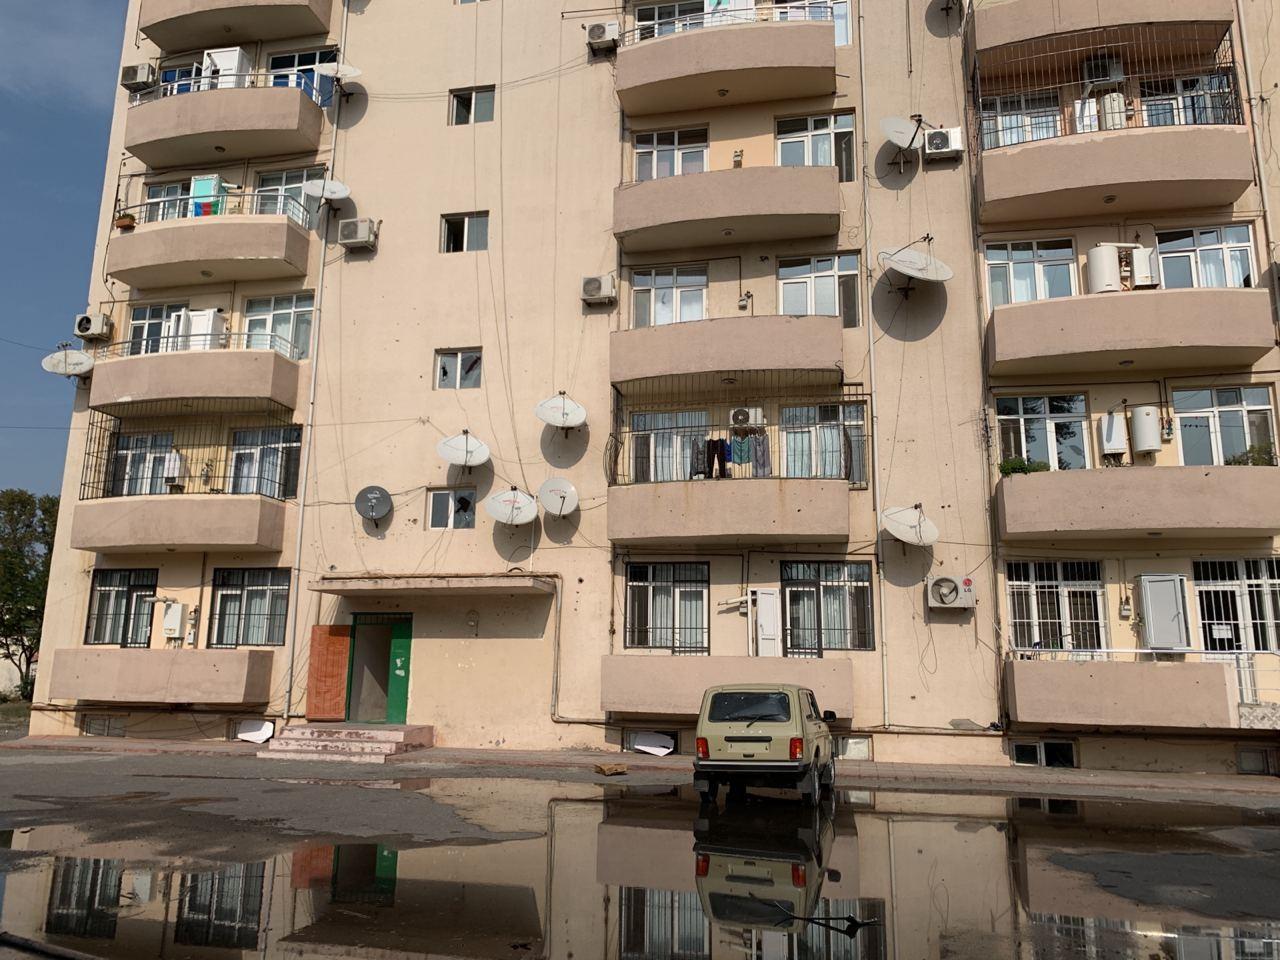 Katil Ermenistan, Azerbaycan'ın Berde kentini vurdu: 2 ölü, yaralılar var